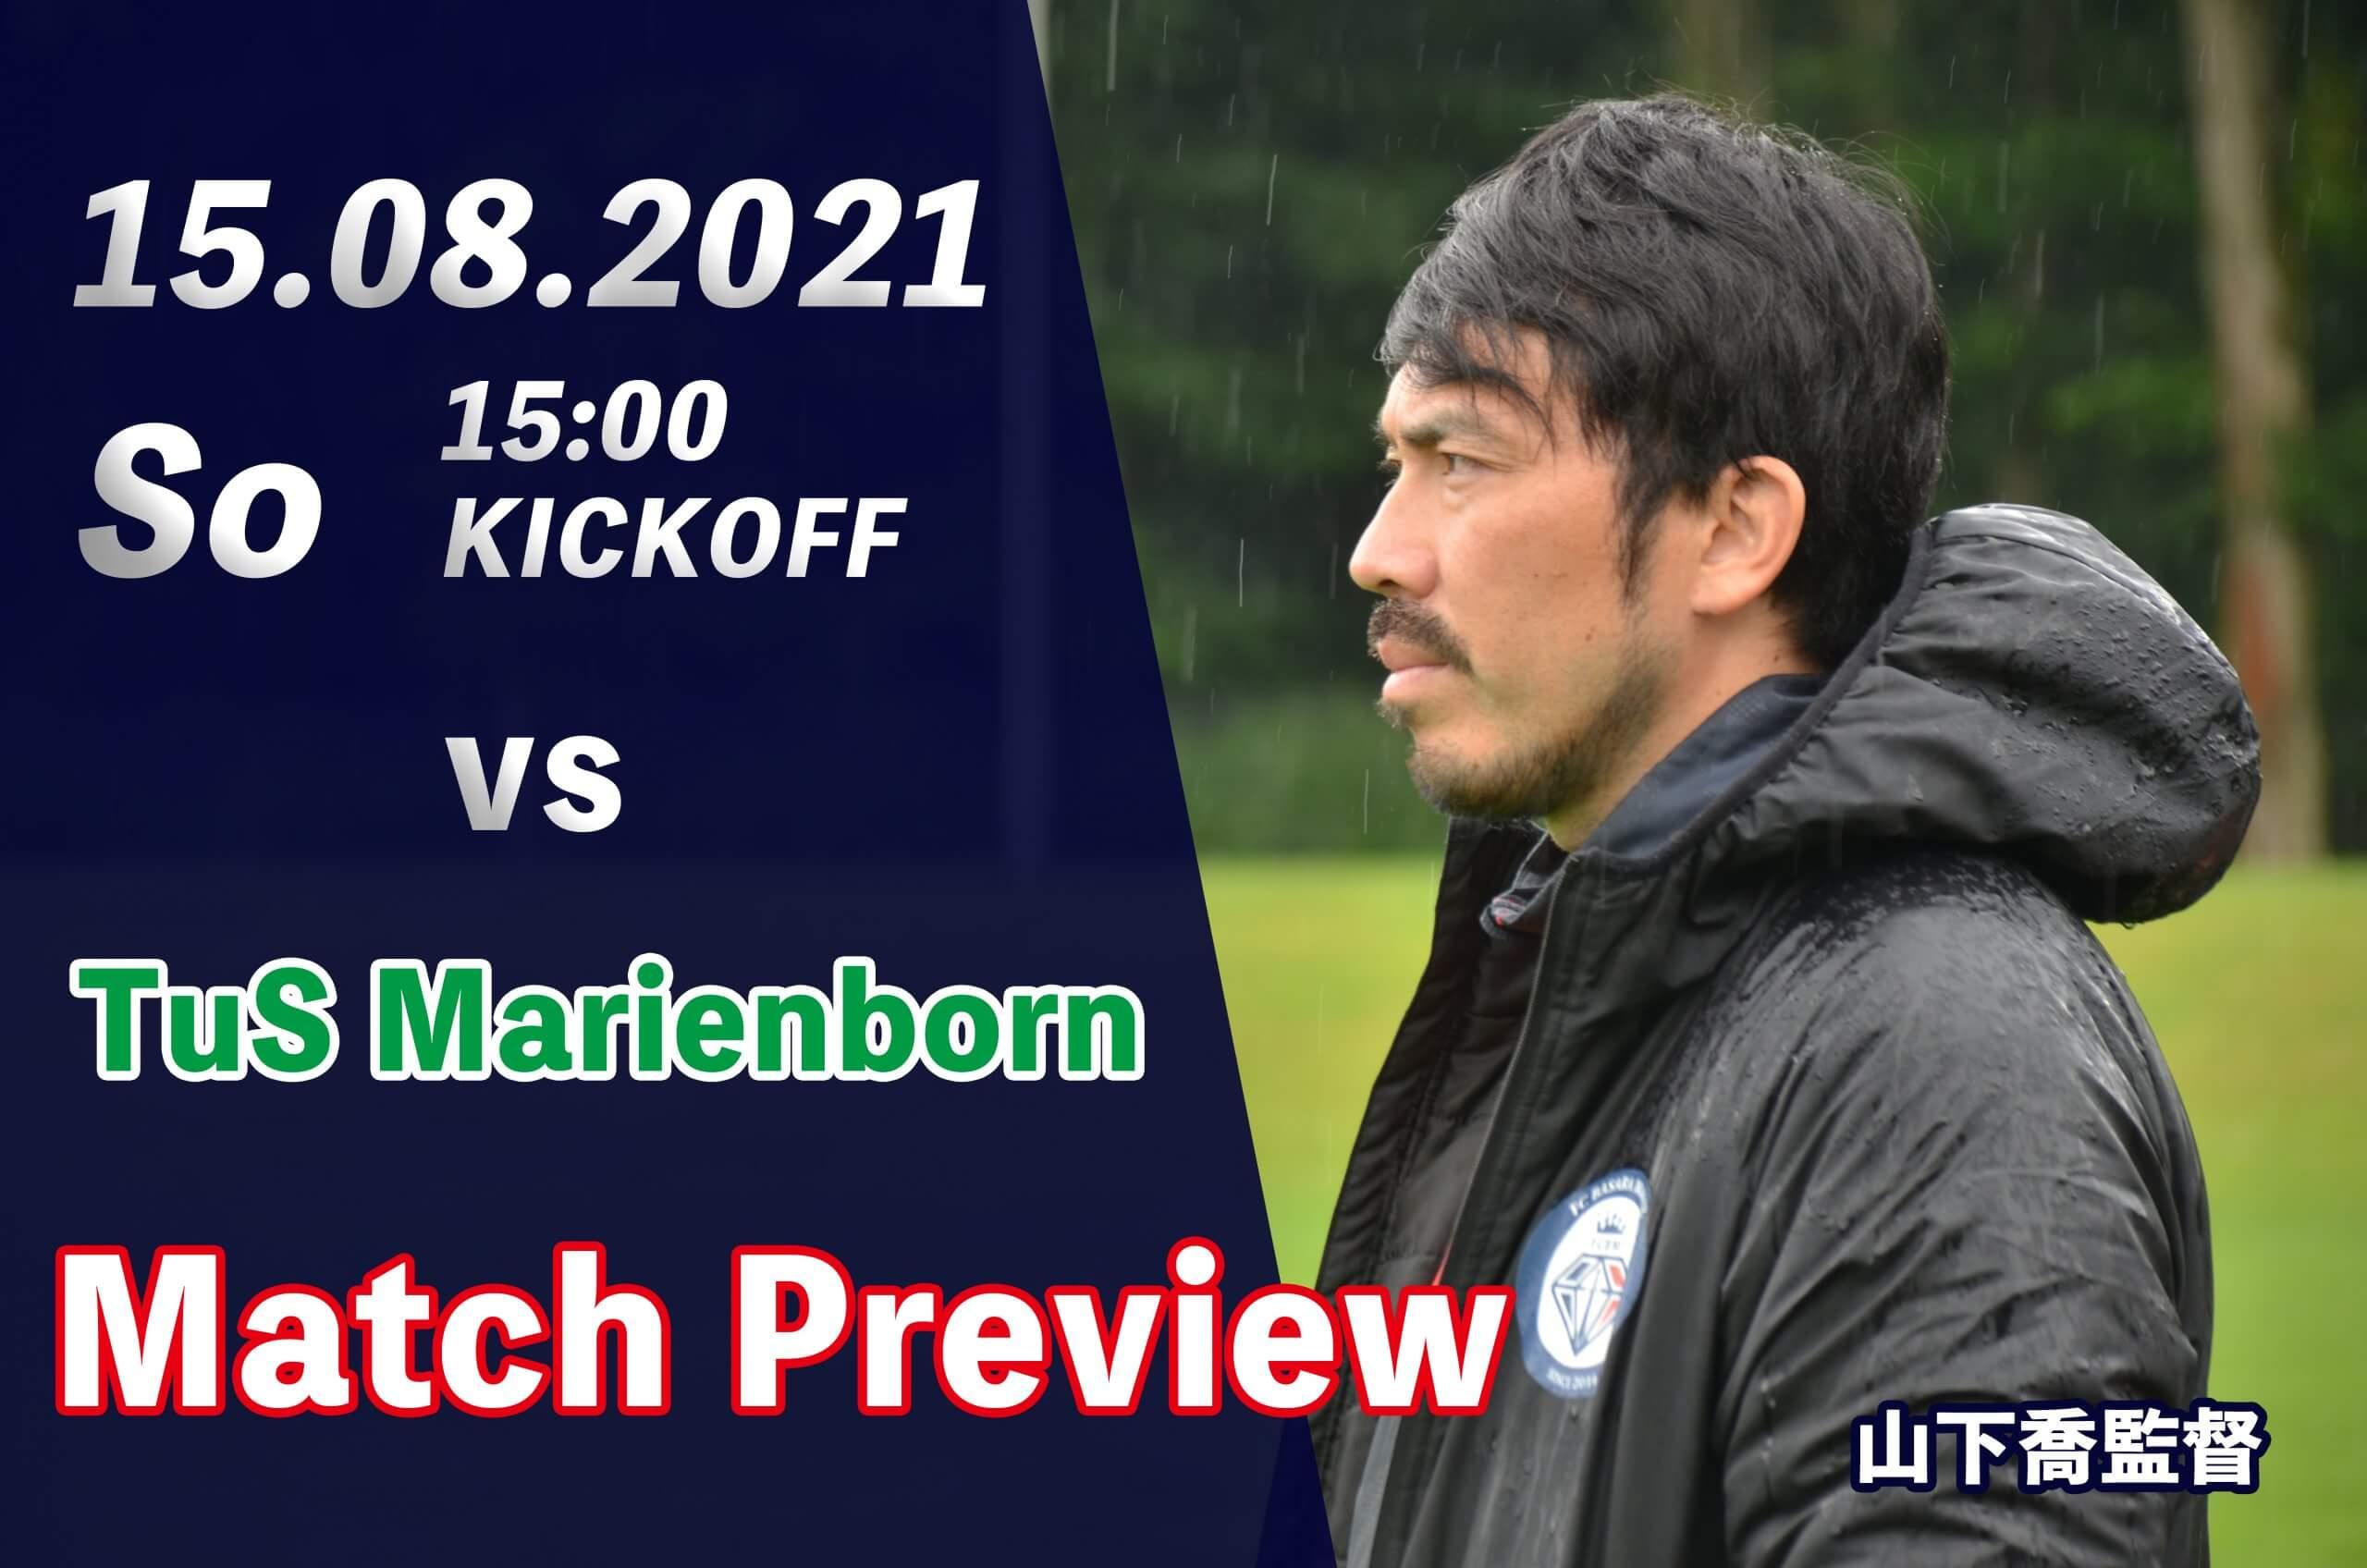 【マッチプレビュー 第1節 vs TuS Marienborn】